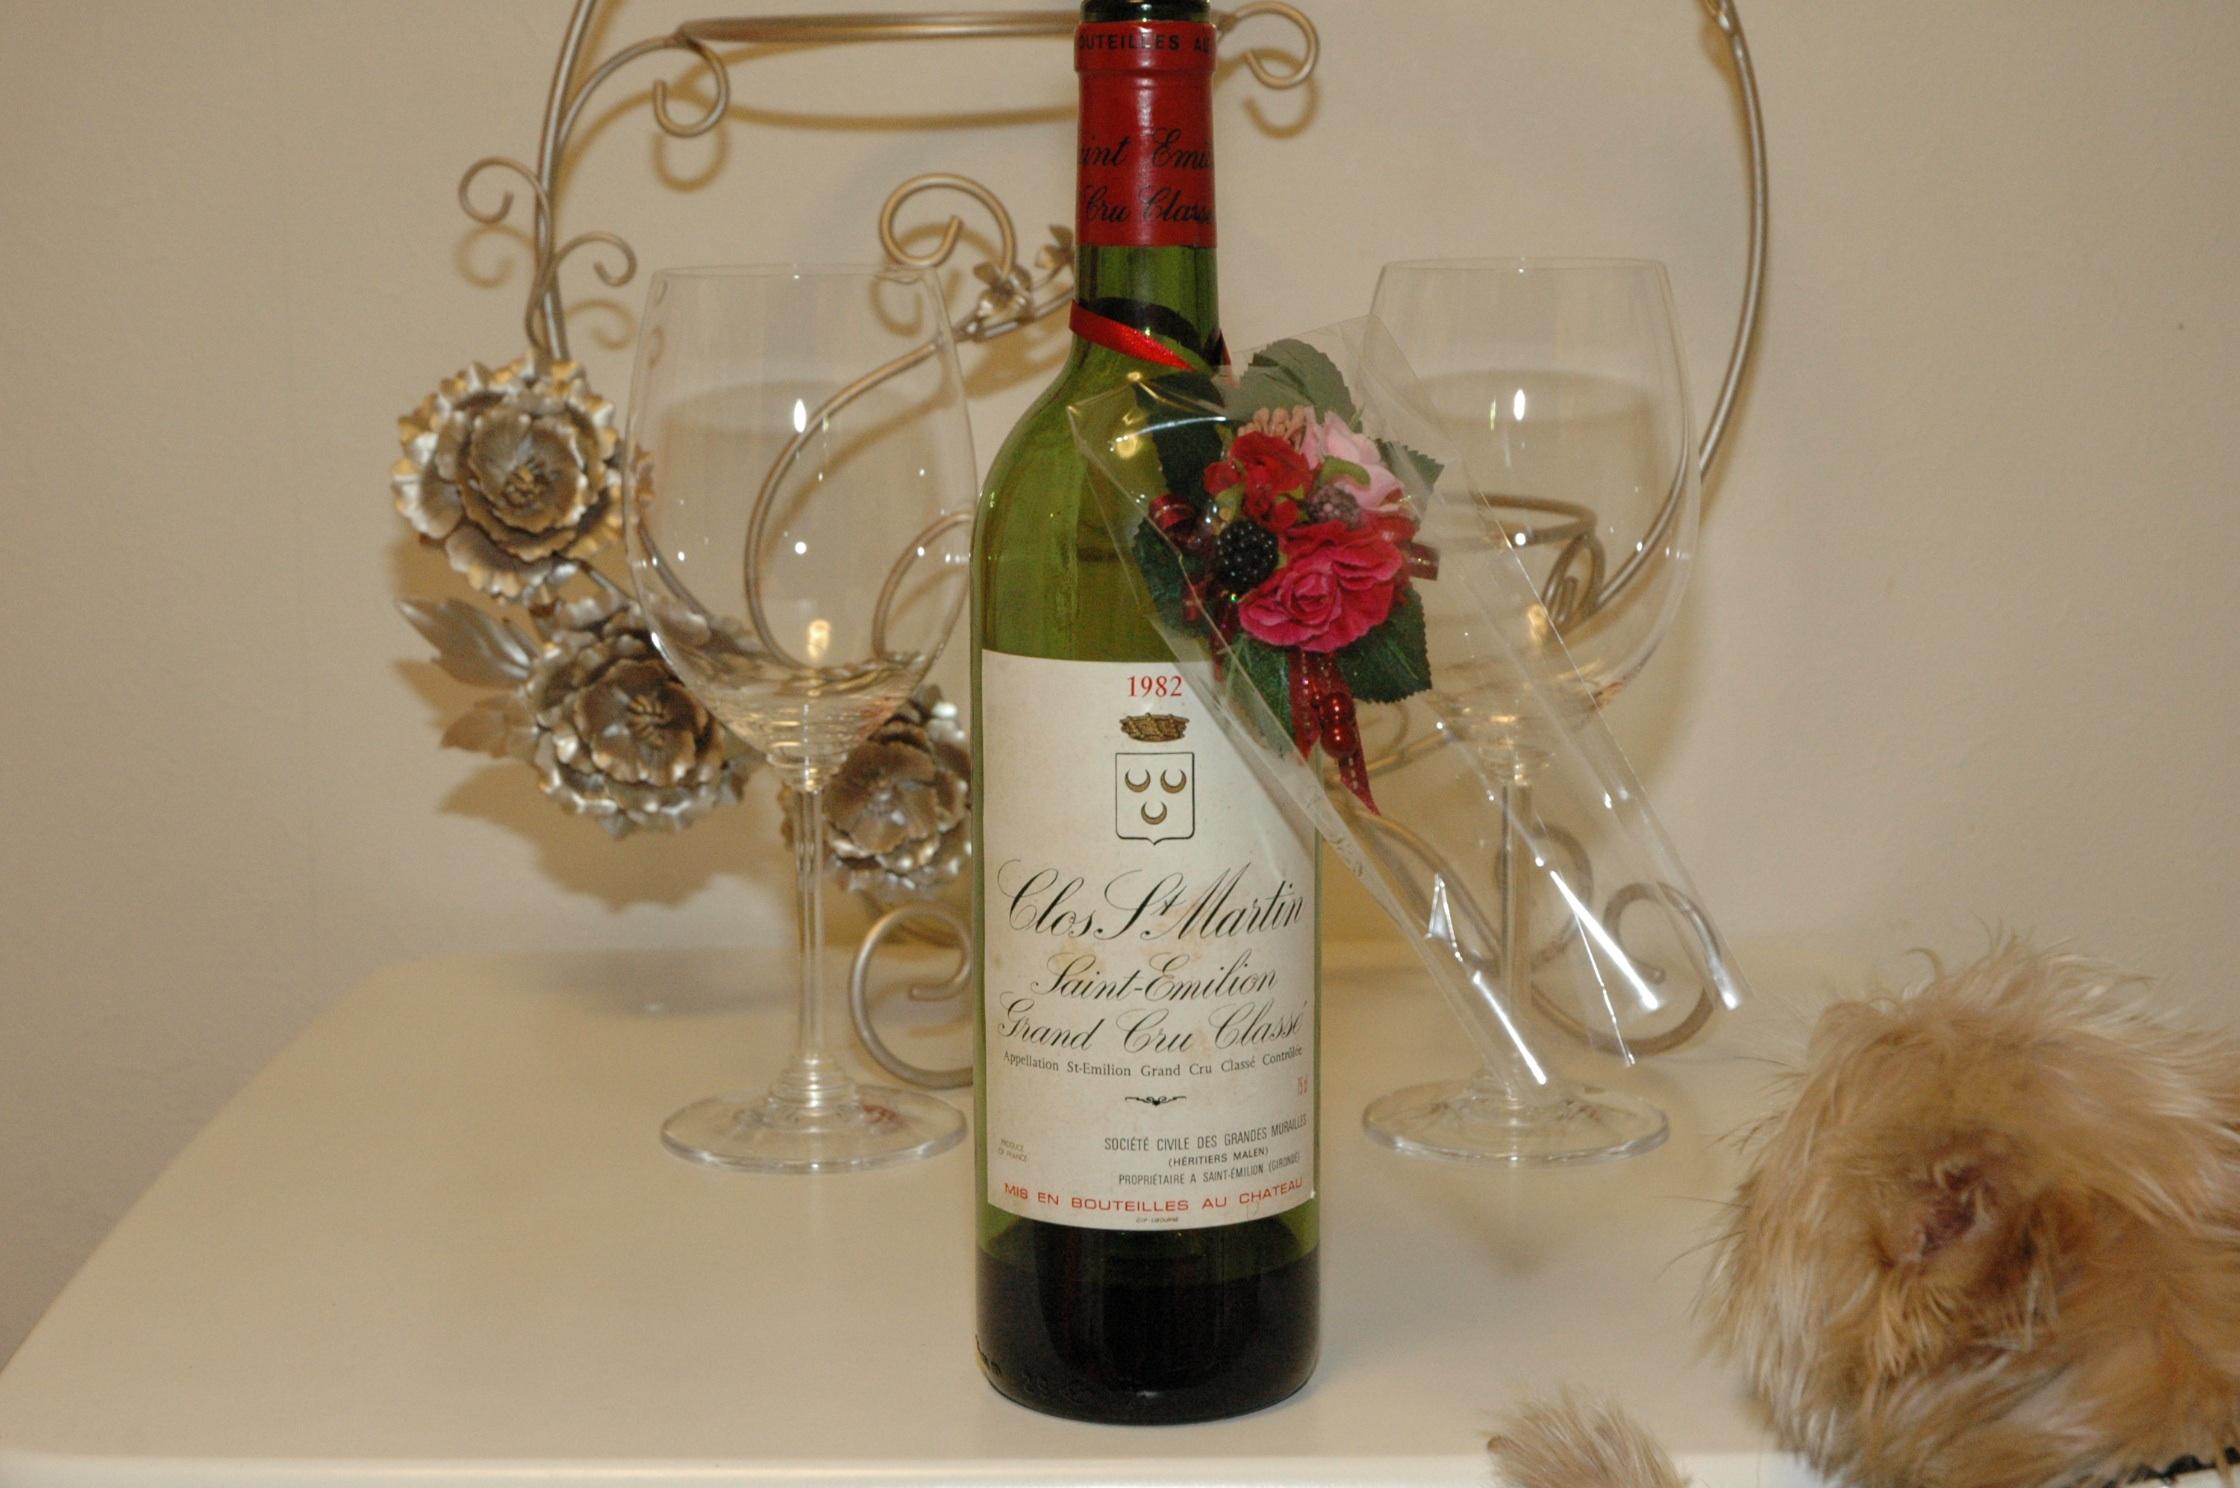 1982年 シャトー クロ サンマルタン(フランス 赤ワイン)